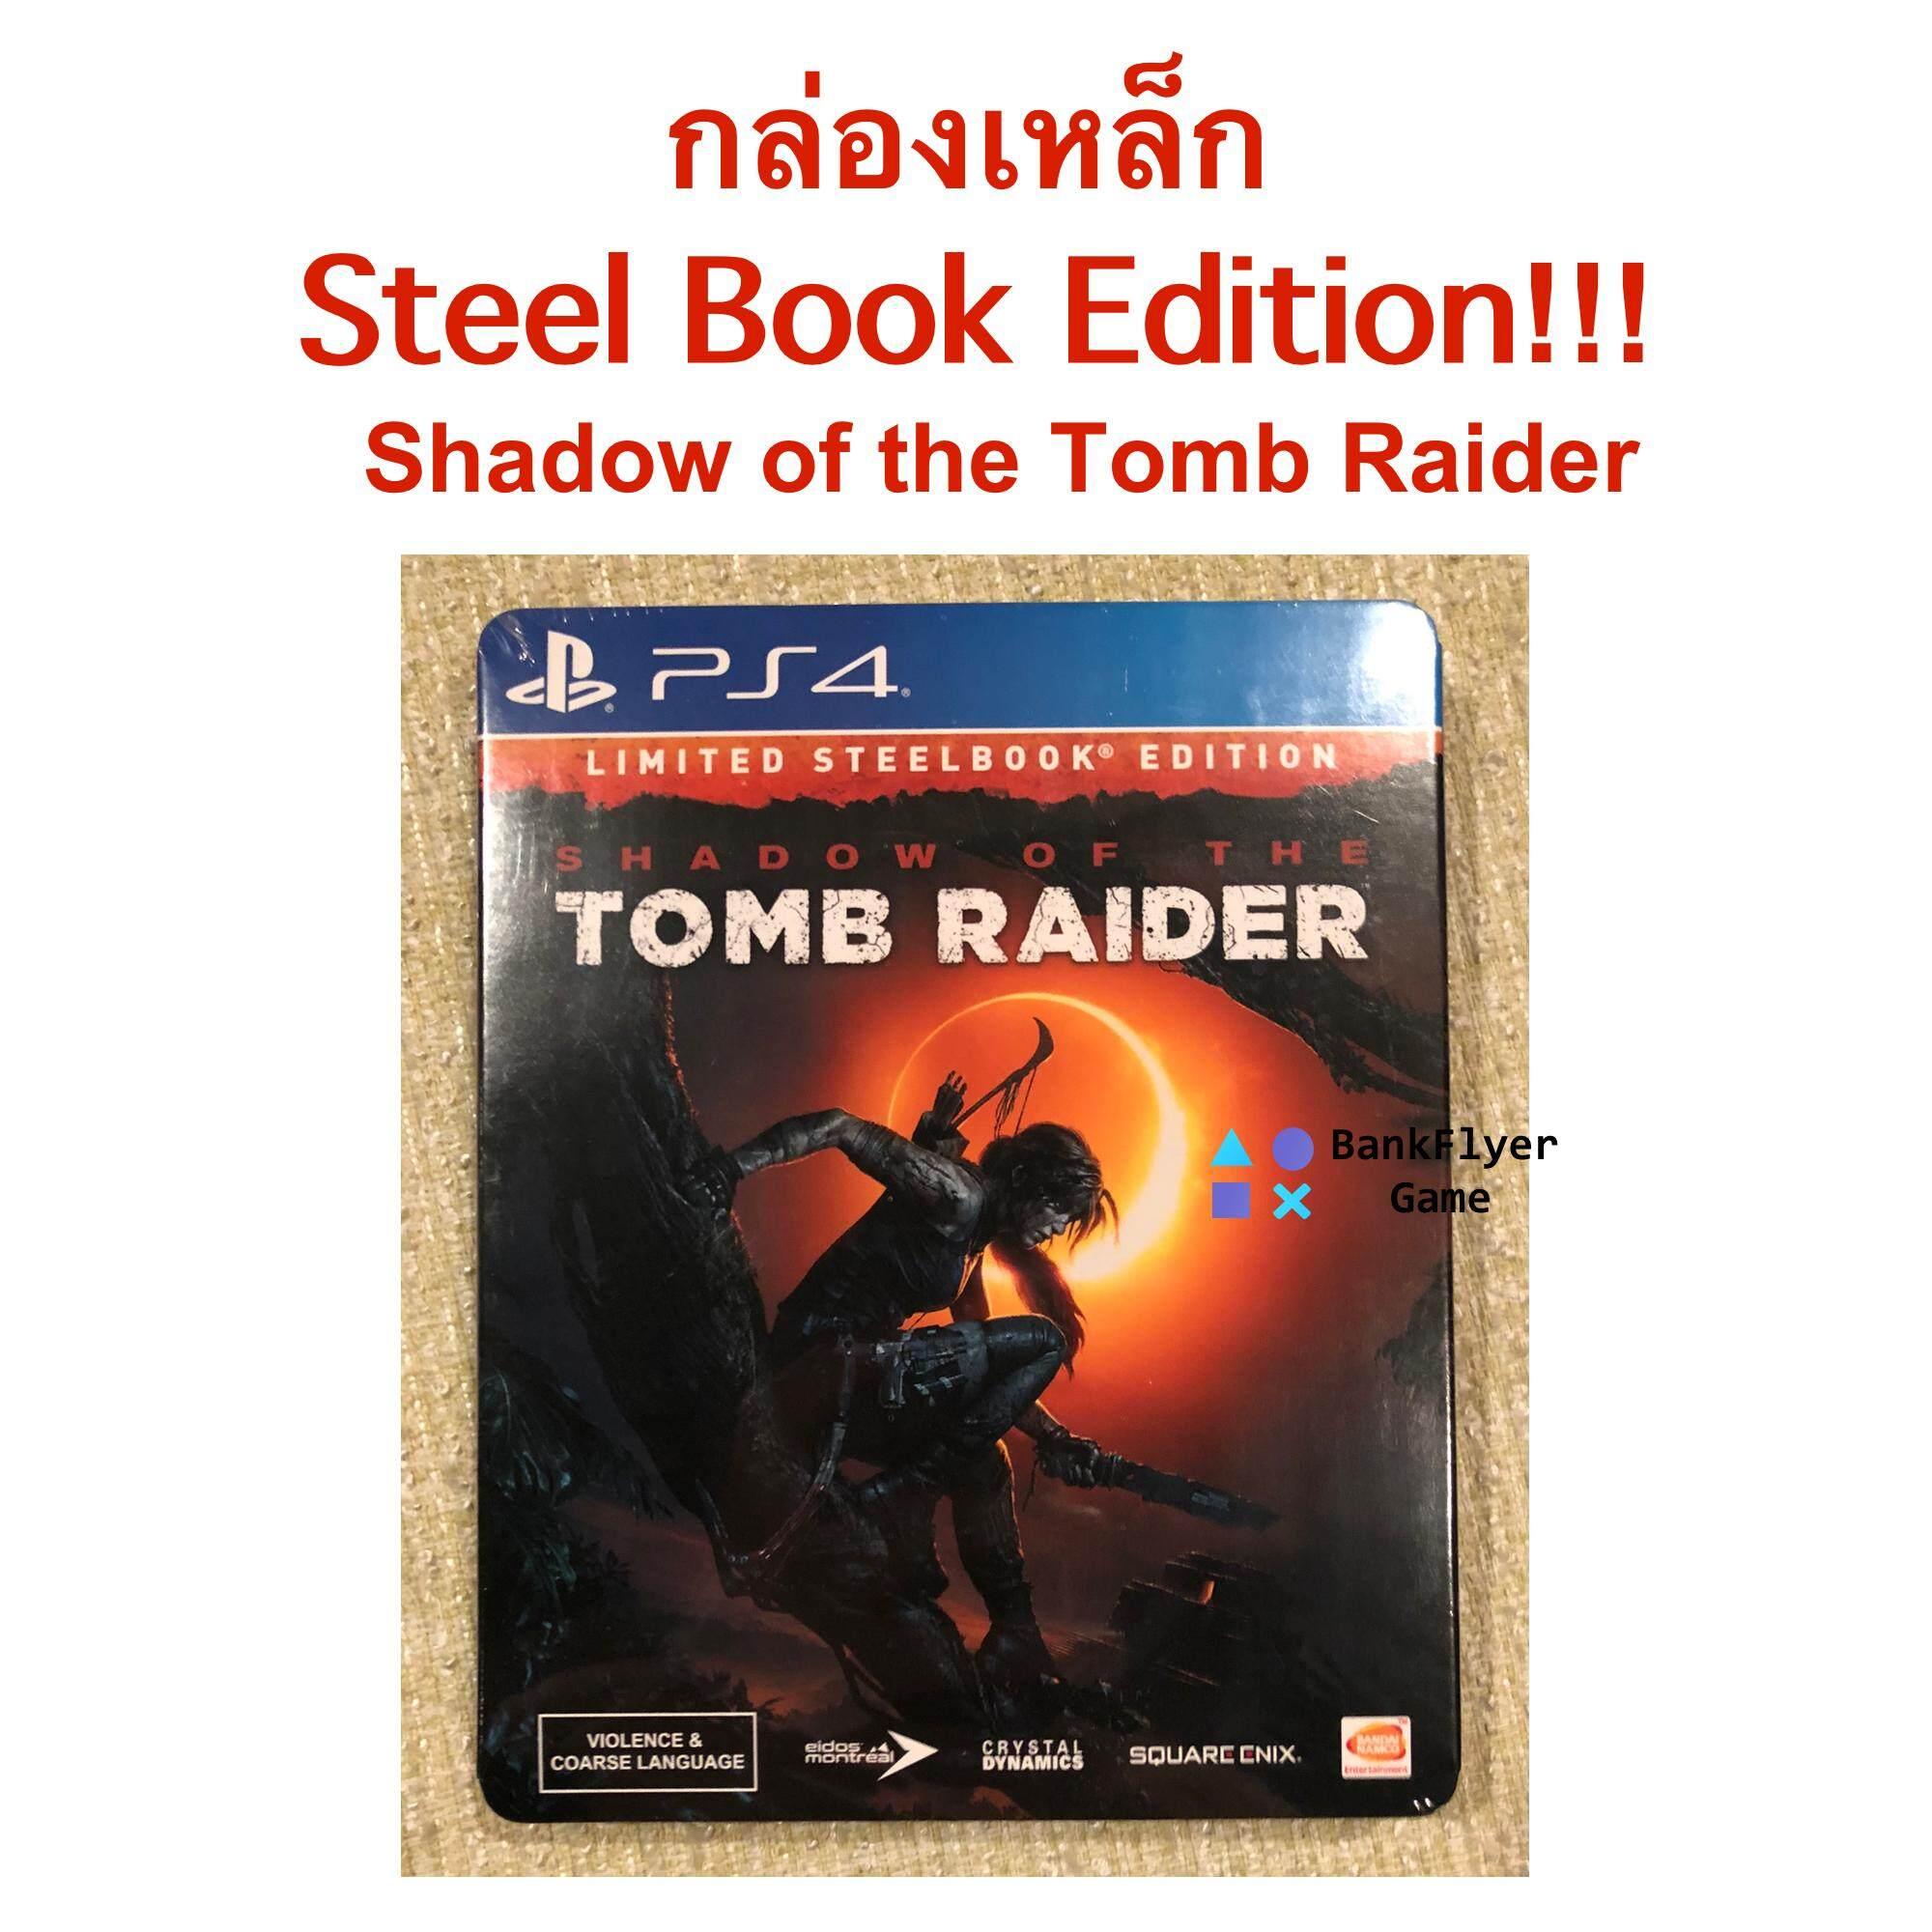 แผ่นเกมส์ PS4 Shadow of the Tomb Raider Steel Book Edition (กล่องเหล็ก)